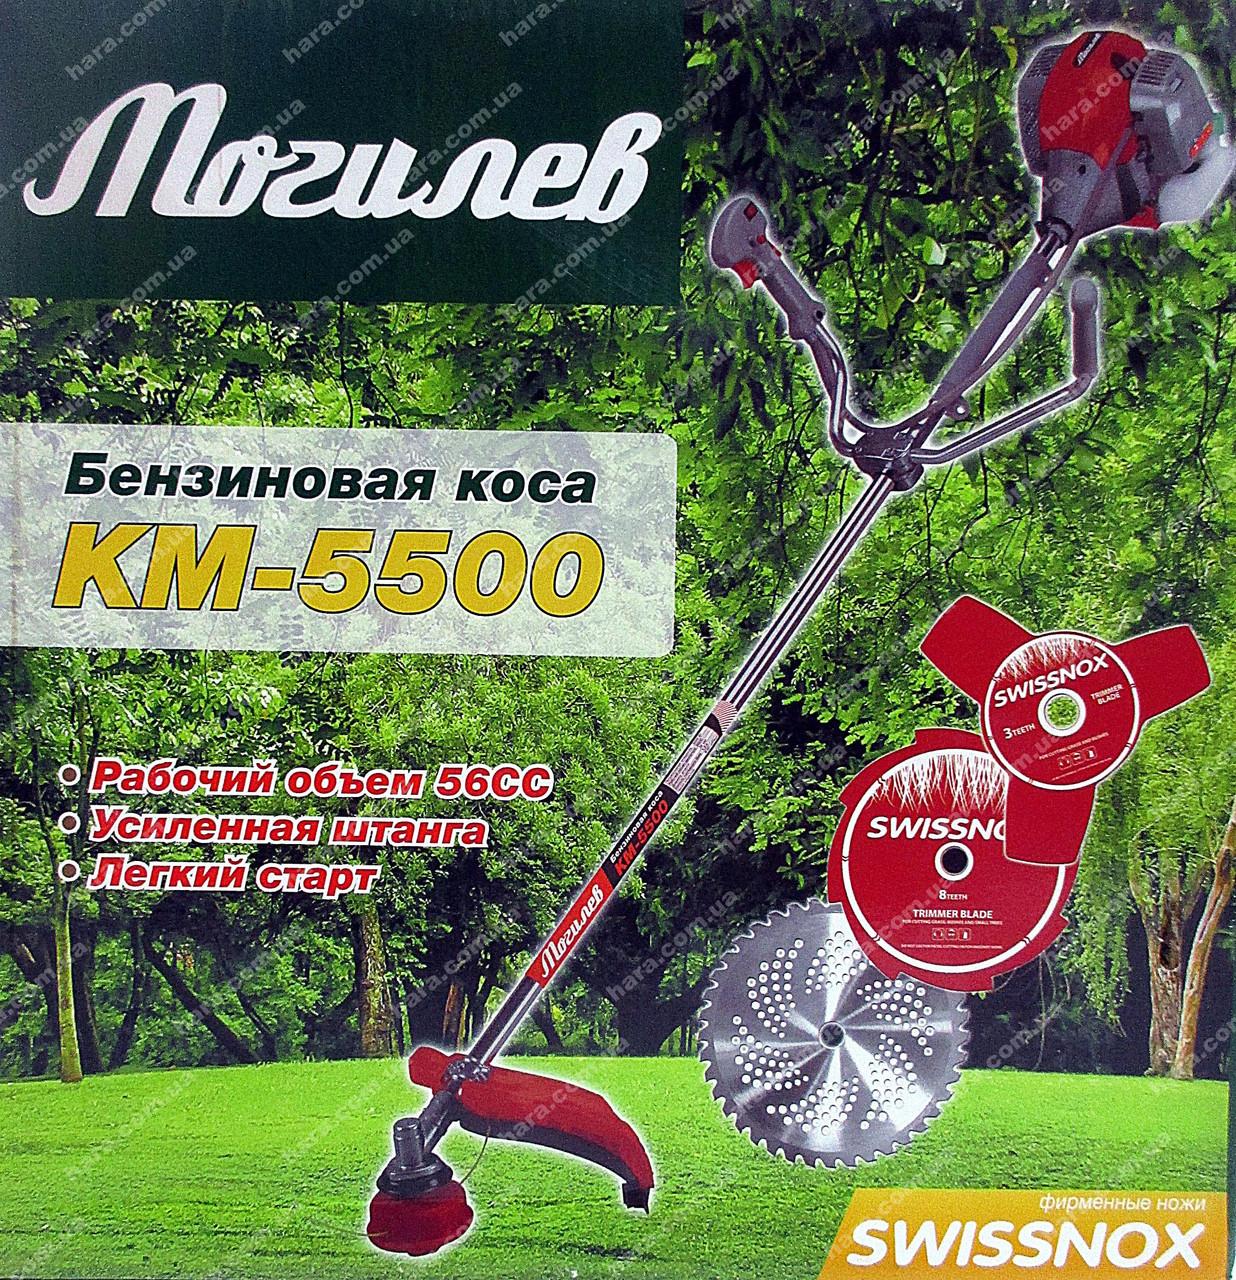 Бензокоса Могилев КМ-5500 (5500 Ватт)